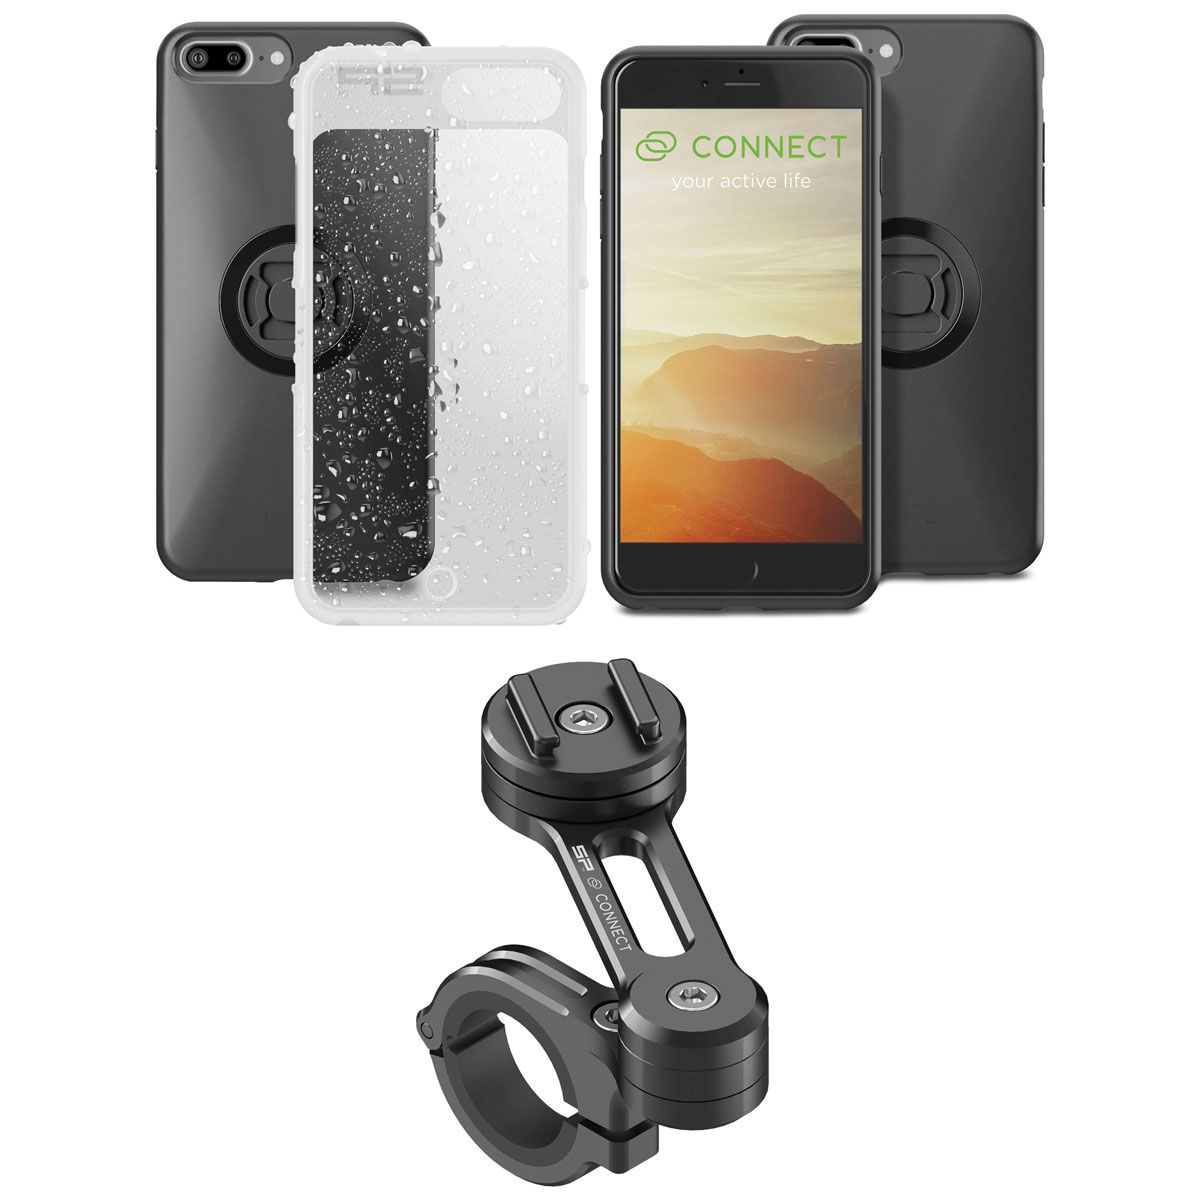 SP Connect Moto Bundle for iPhone 6/6S/7/8 Plus